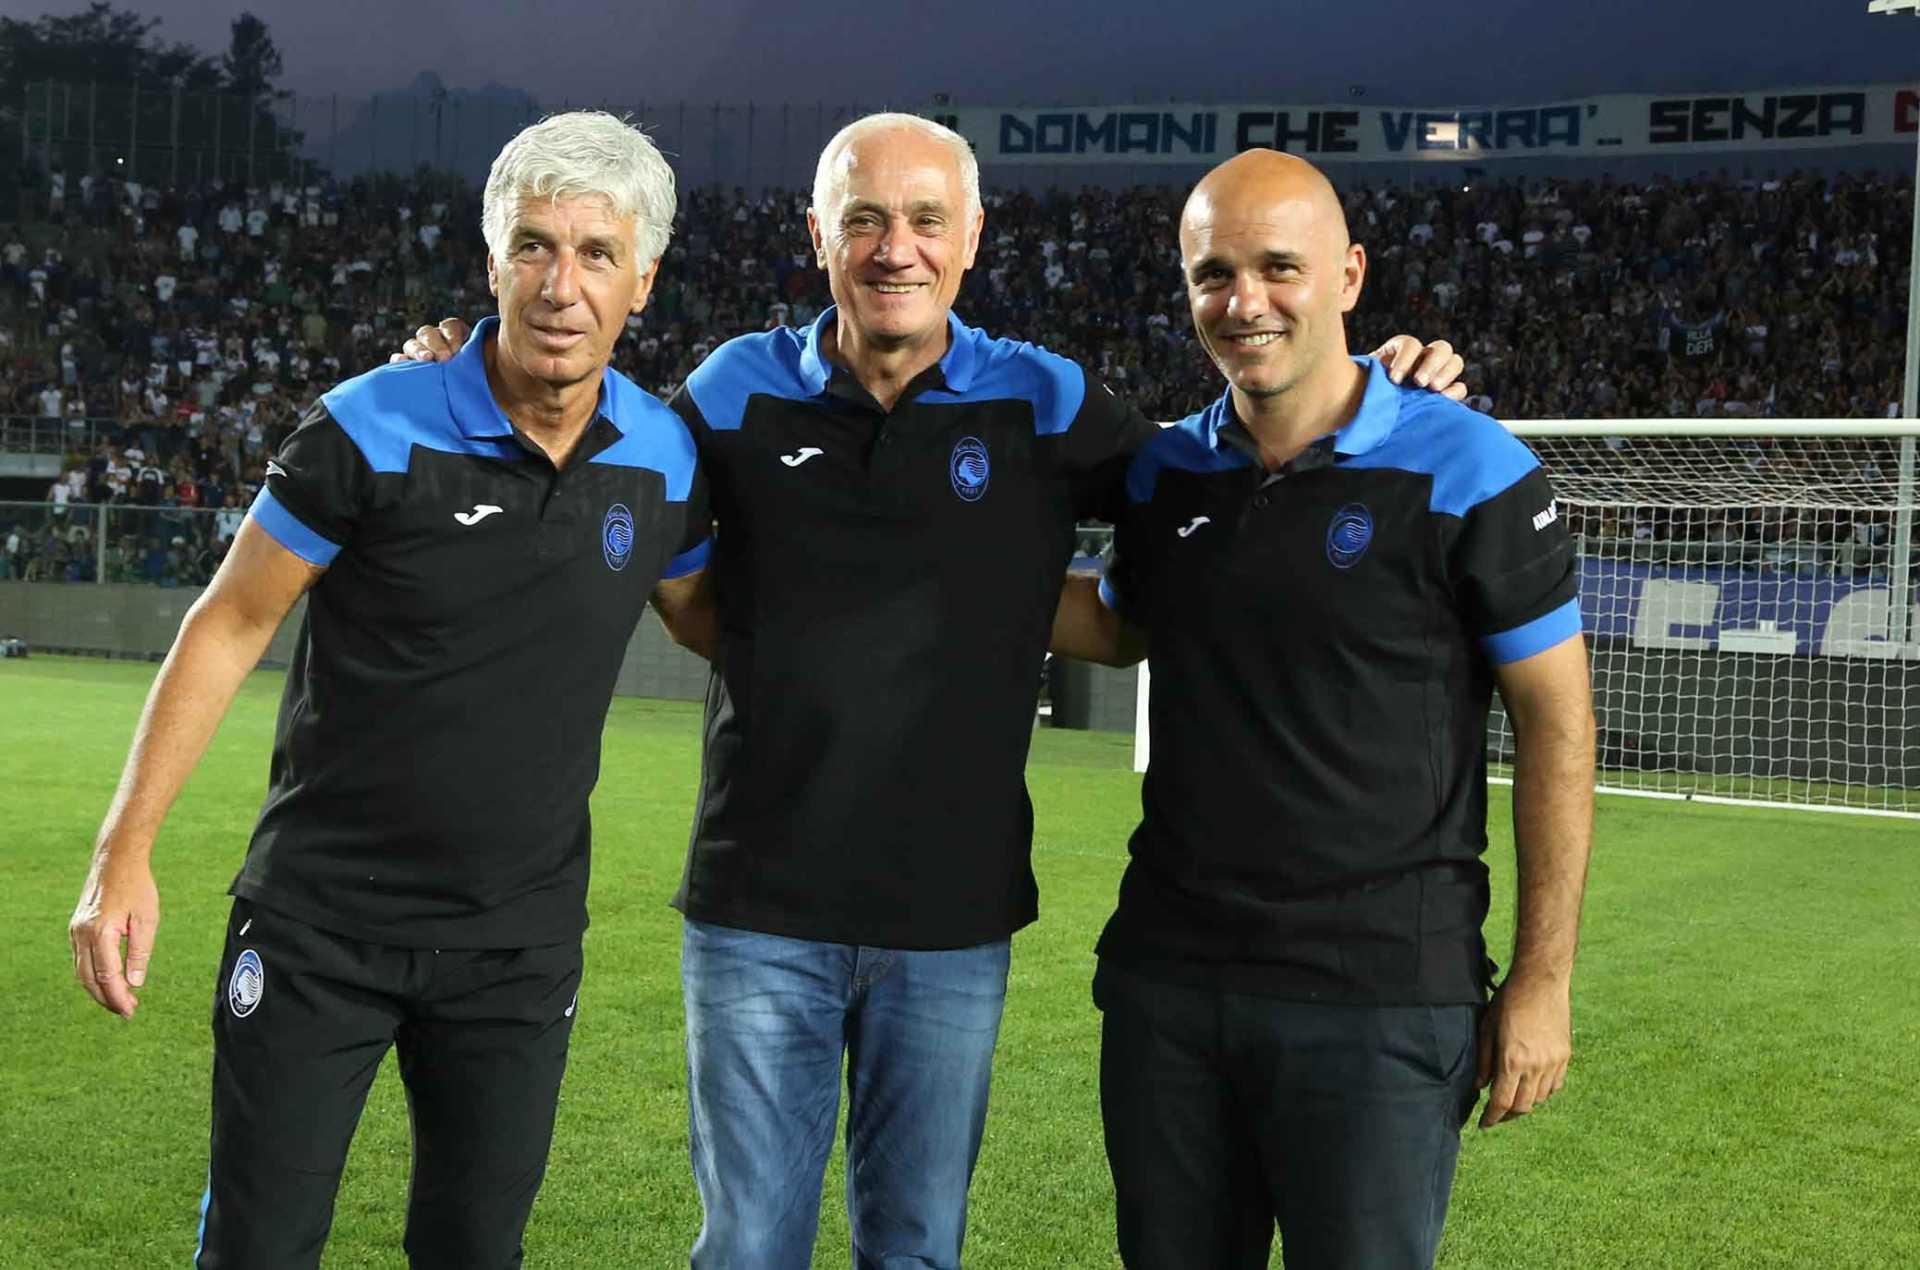 Antonio Percassi e Gan Piero Gasperini